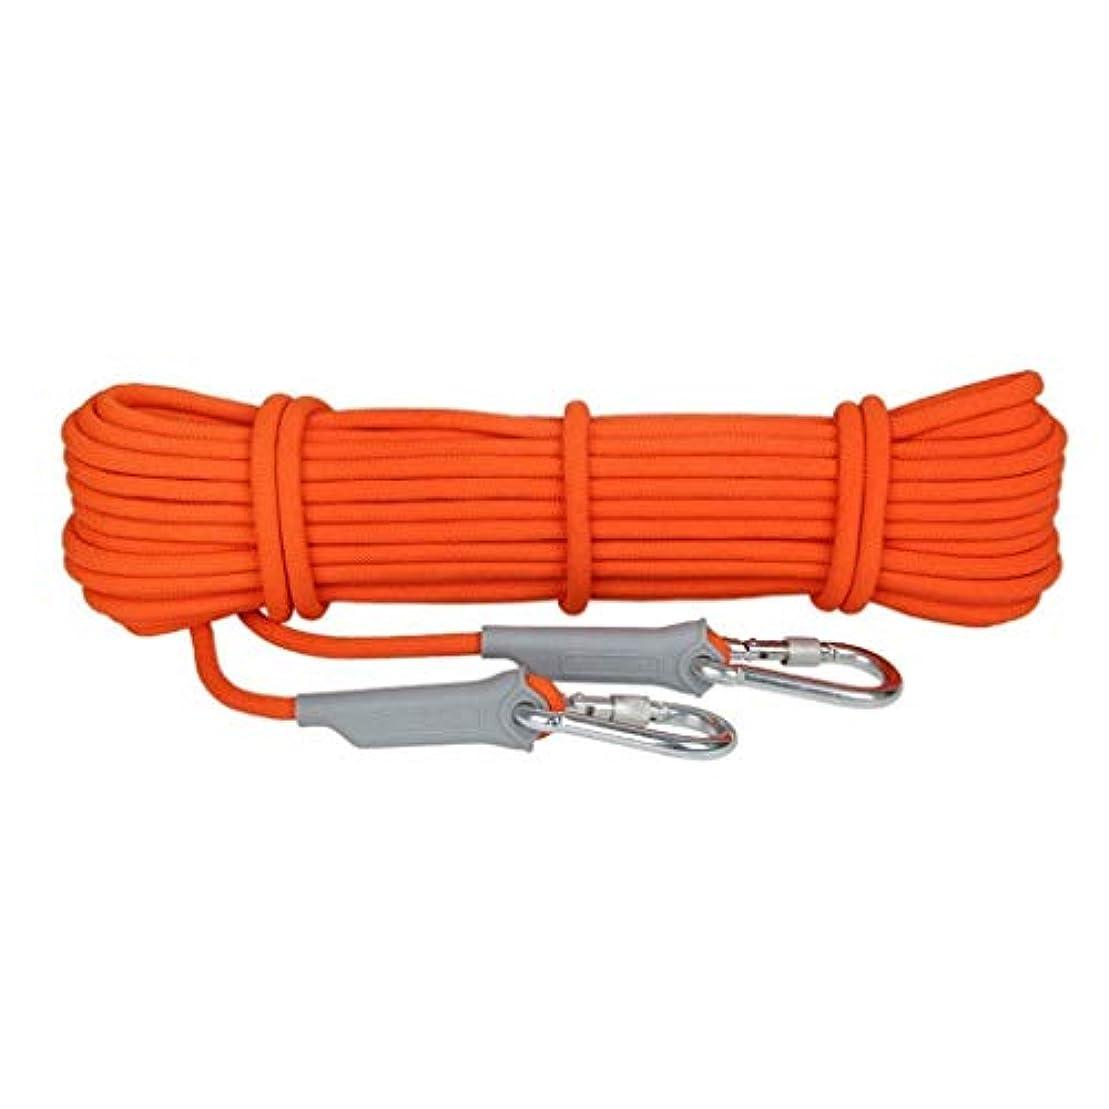 リーチ接尾辞休日登山ロープの家の火の緊急脱出ロープ、ハイキングの洞窟探検のキャンプの救助調査および工学保護のための多機能のコードの安全ロープ。 (Color : 8.5mm, Size : 15m)